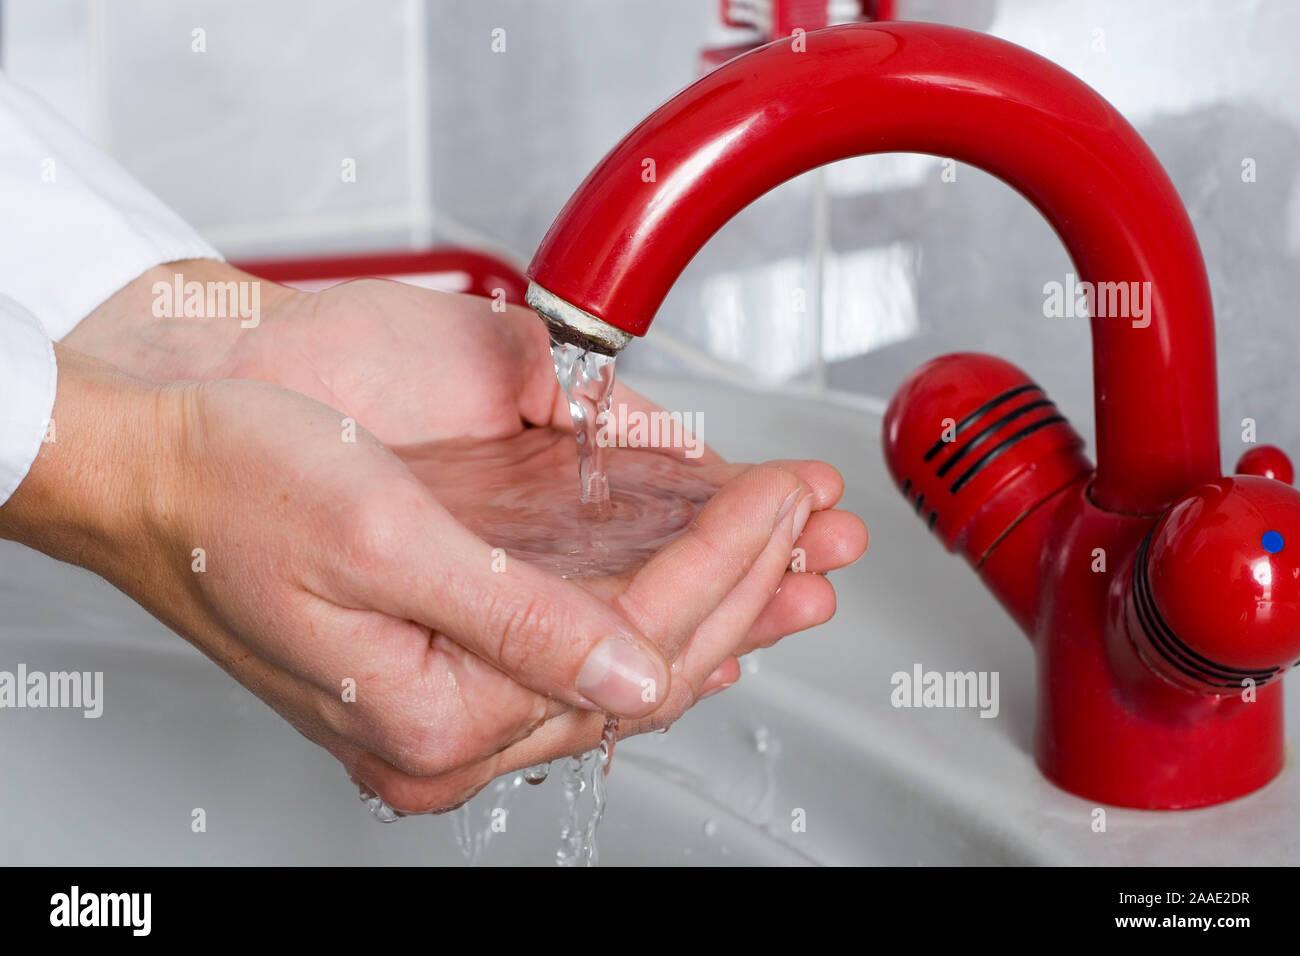 Frau wäscht sich die Hände (mr) Stock Photo